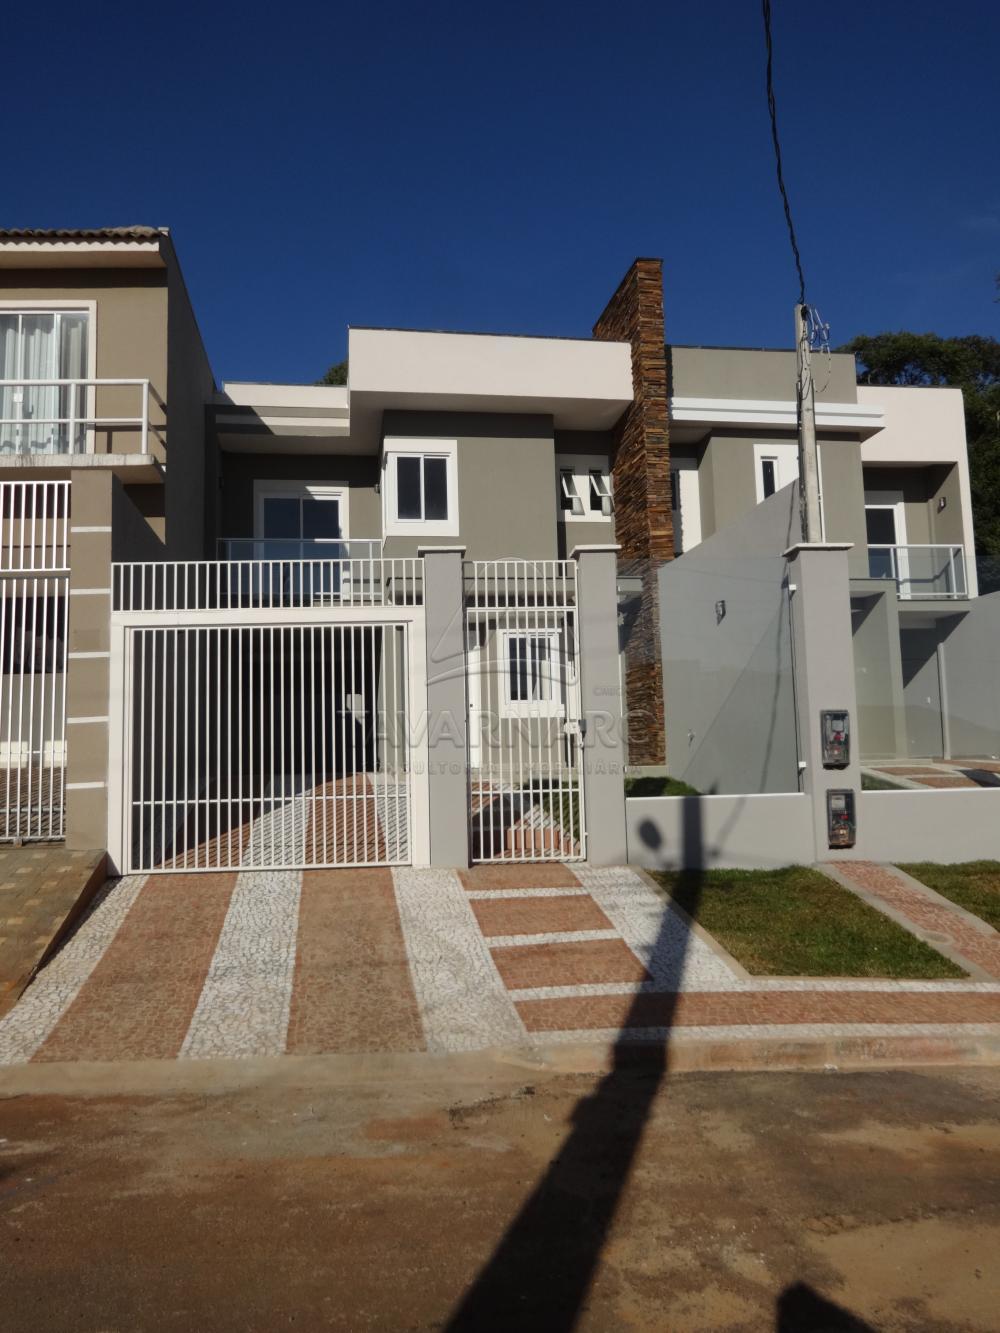 Alugar Casa / Sobrado em Ponta Grossa apenas R$ 2.100,00 - Foto 1